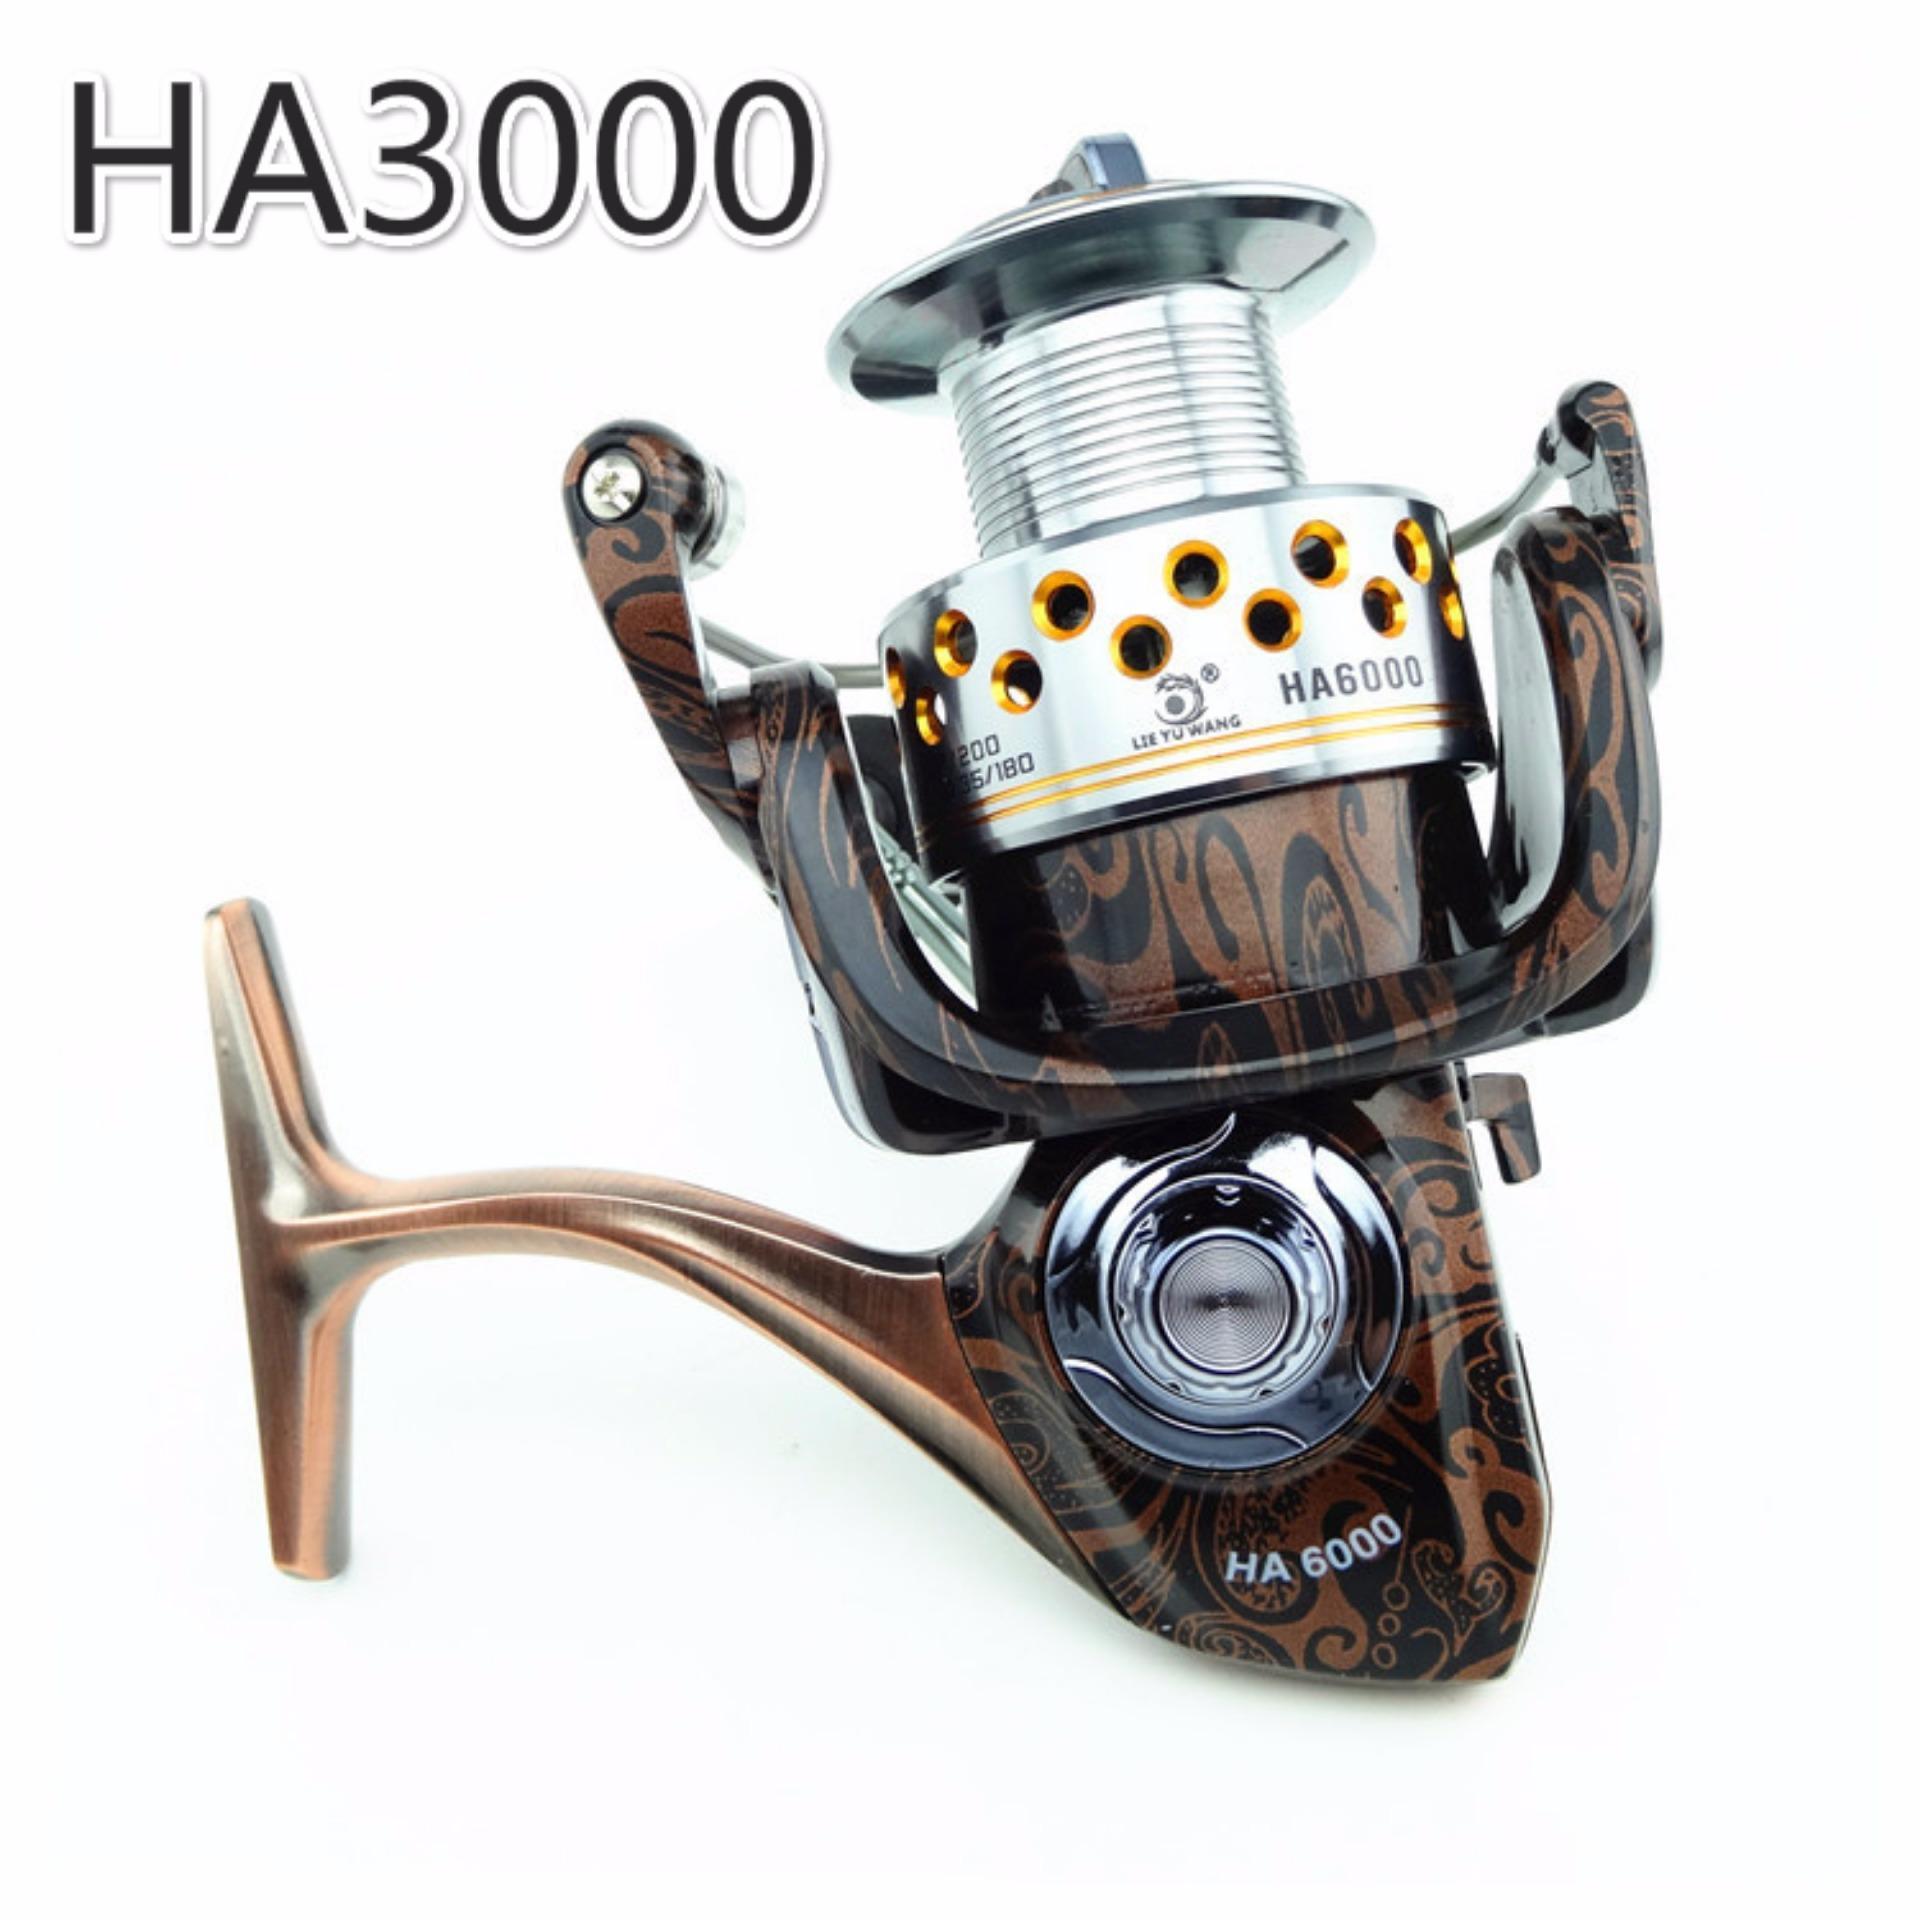 NBS Memancing Reel HA 13 + 1 BB All Metal Spiner Umpan Bait Reel 5.2: 1 Rasio Gear Memancing Carp Reel Rod (HA3000)